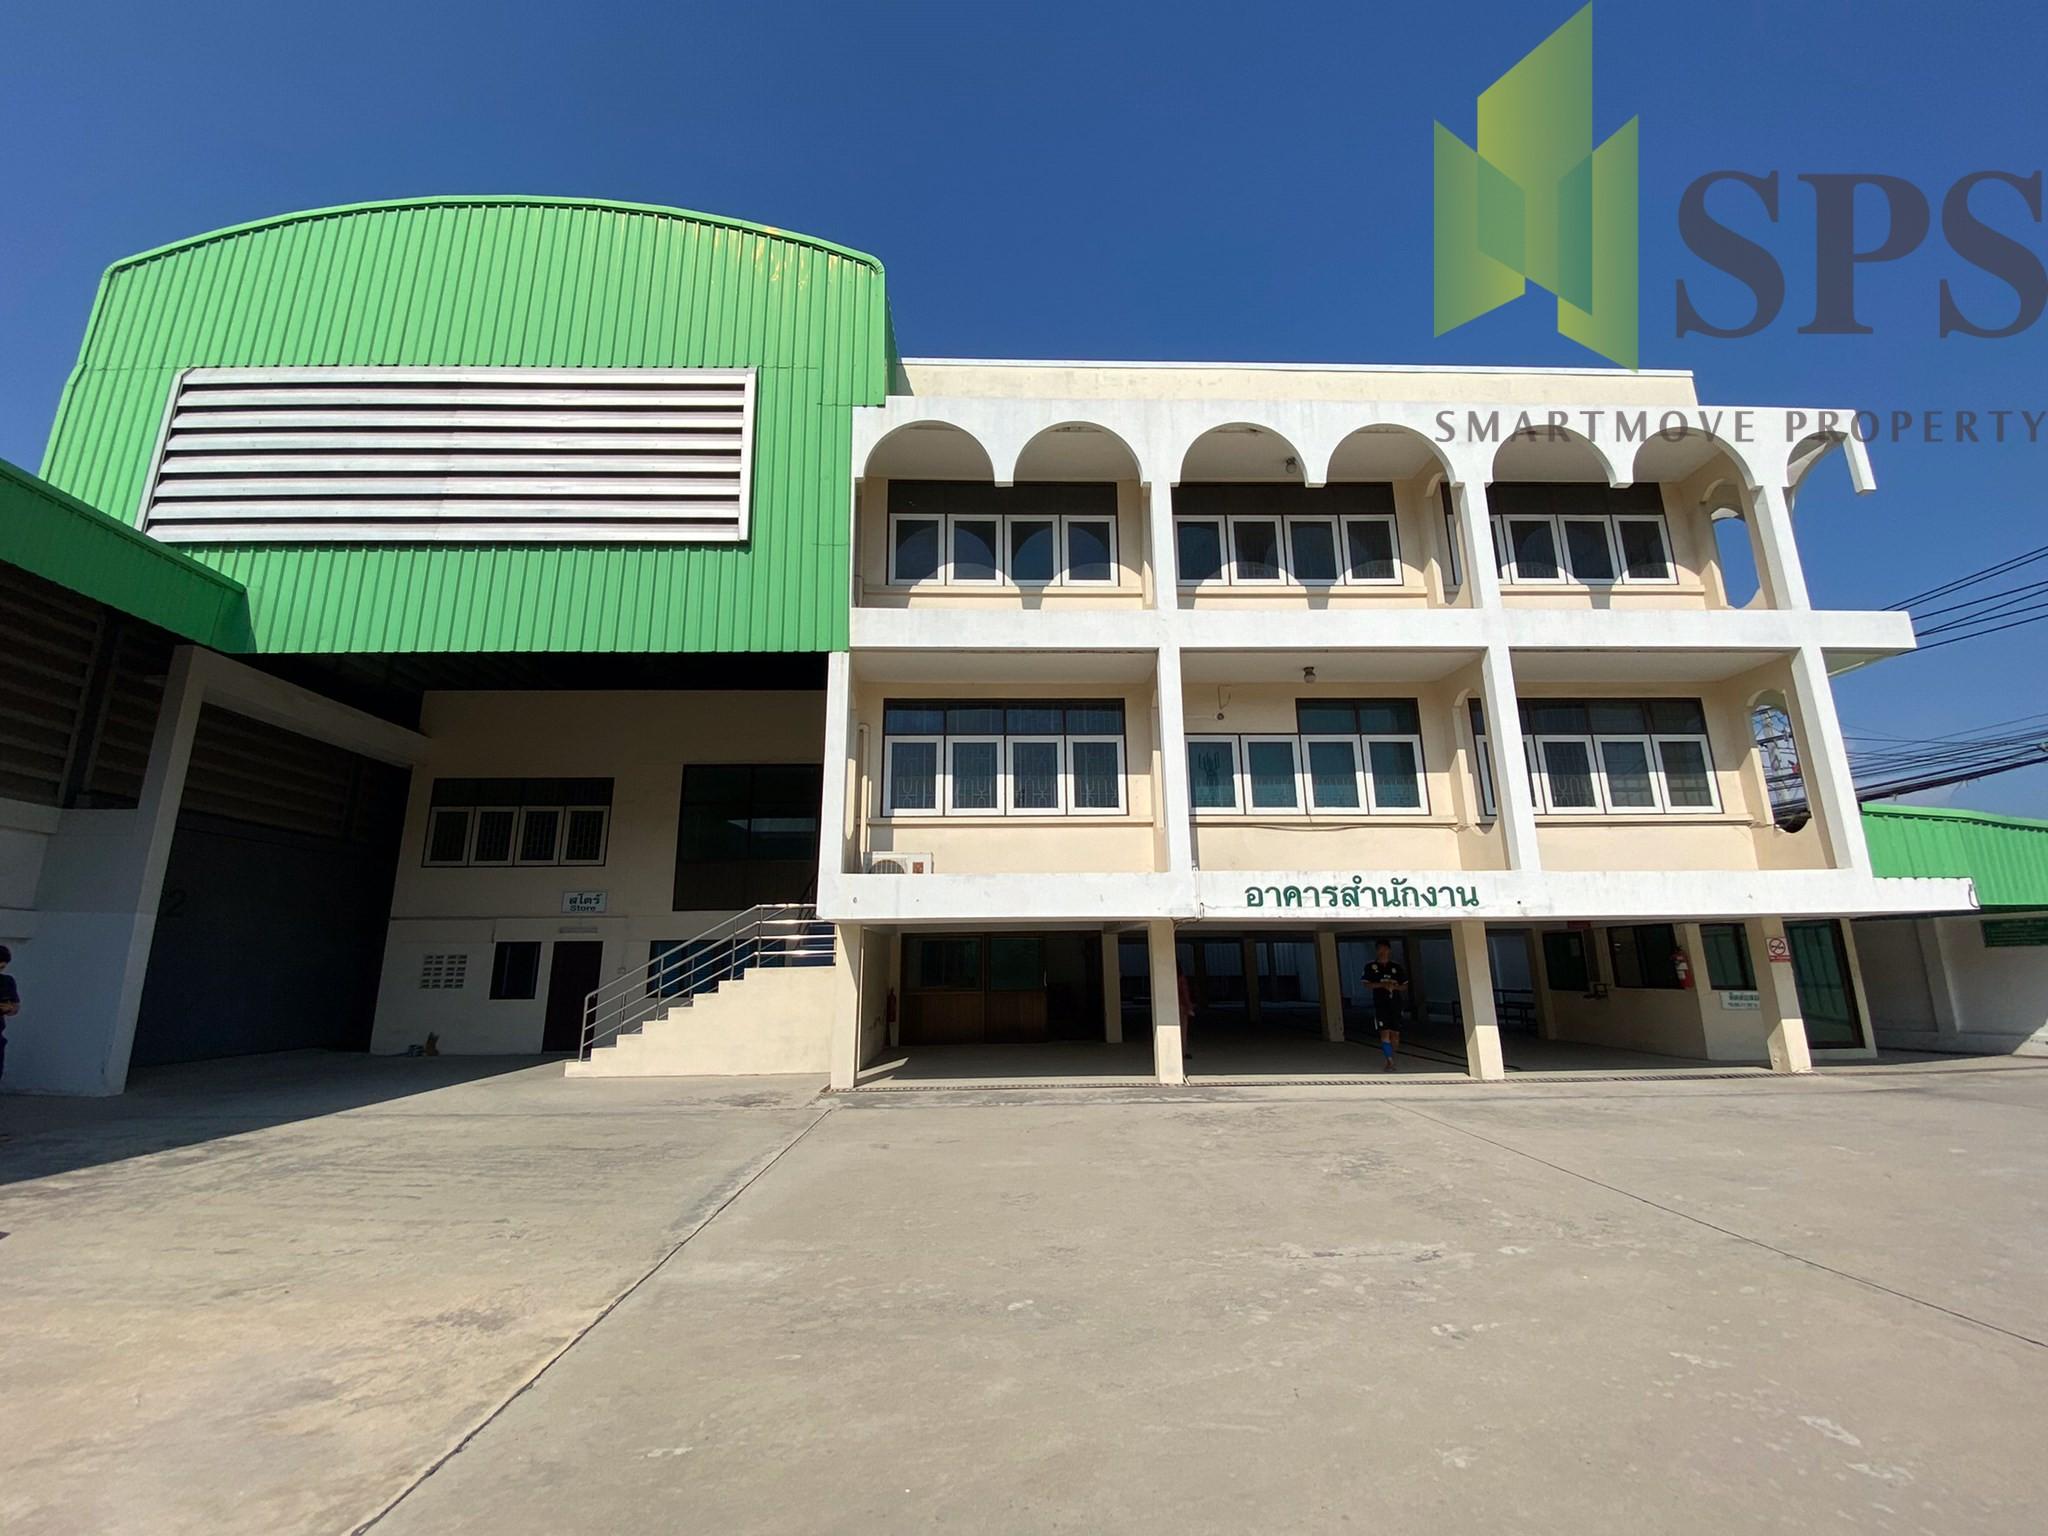 WAREHOUSE FOR SALE AND RENT / ขายโรงงานและให้เช่า ถนนสุขุมวิท บางปู(SPS-PPW111)